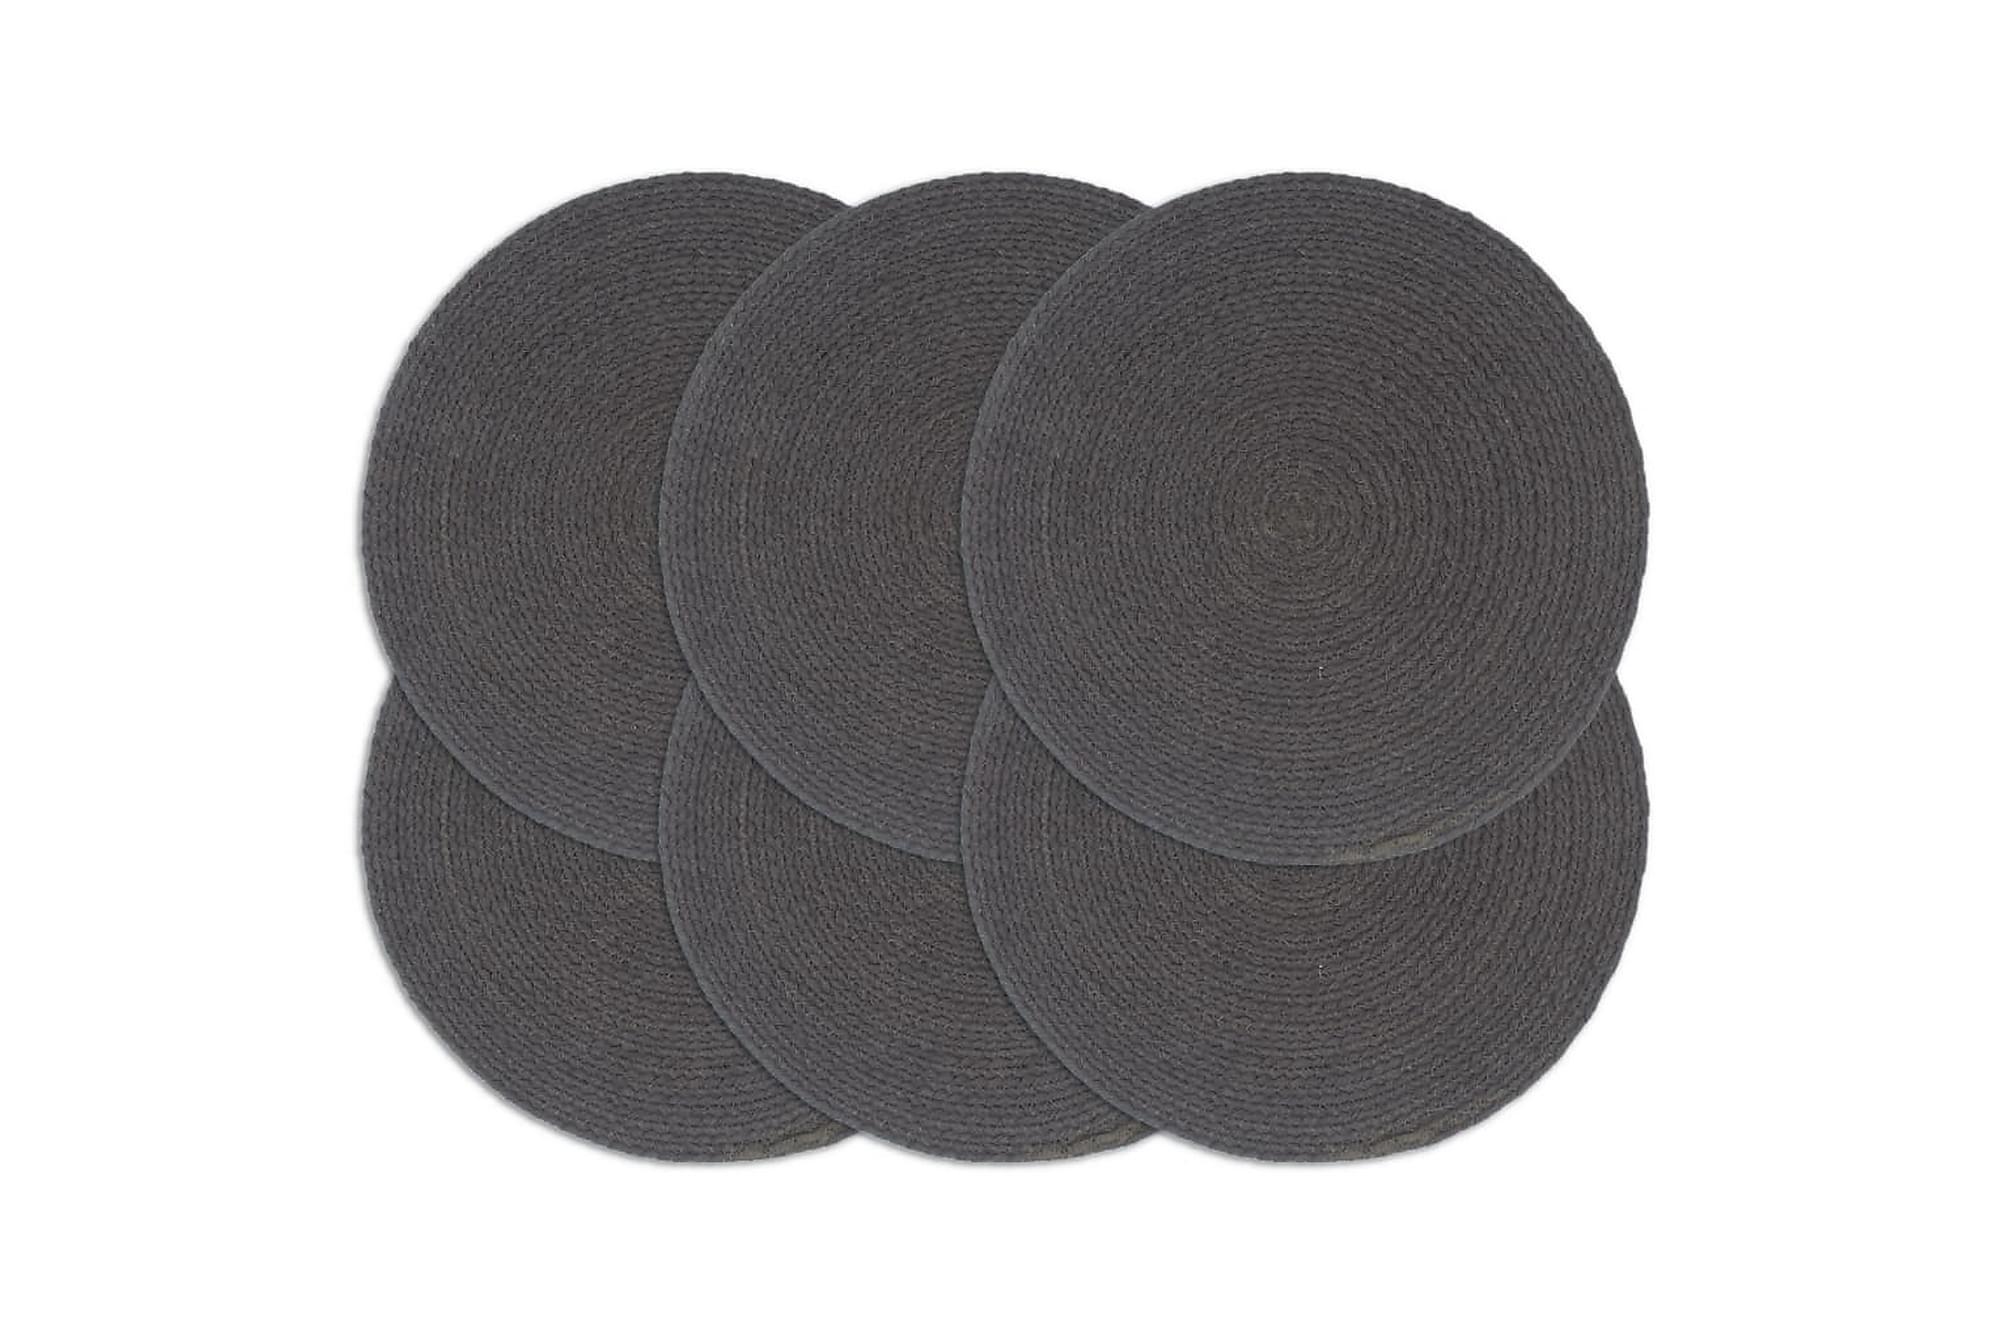 Bordstabletter 6 st mörkgrå 38 cm rund bomull, Kökstextilier